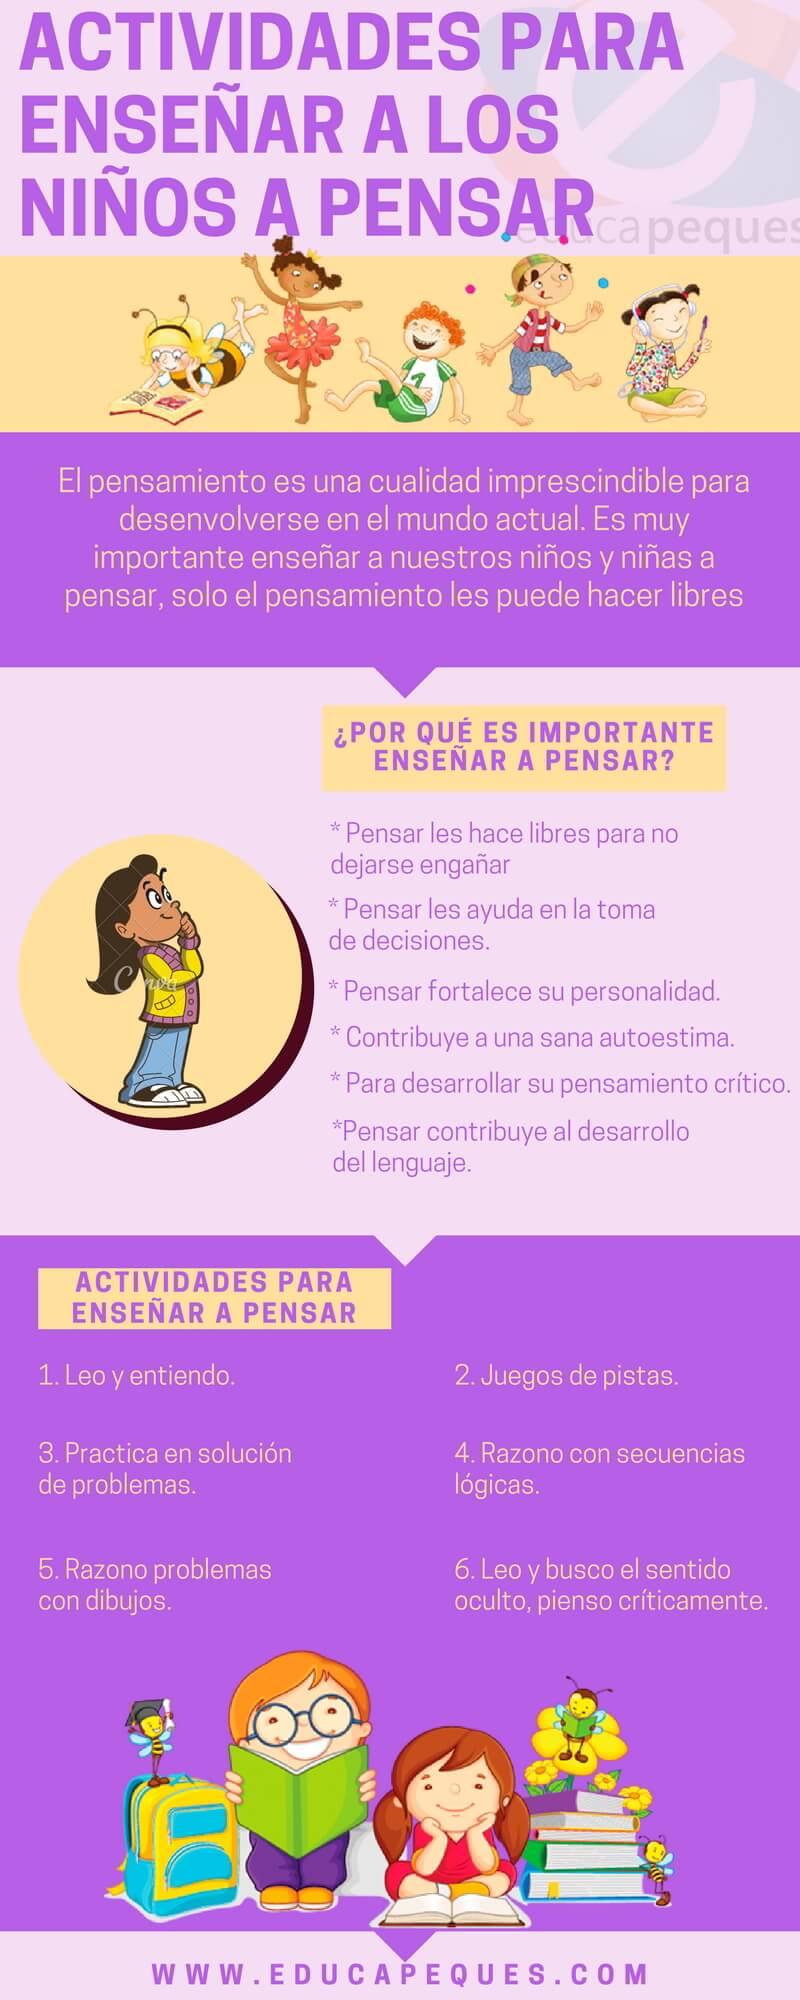 6 Actividades imprescindibles para enseñar a pensar a los niños